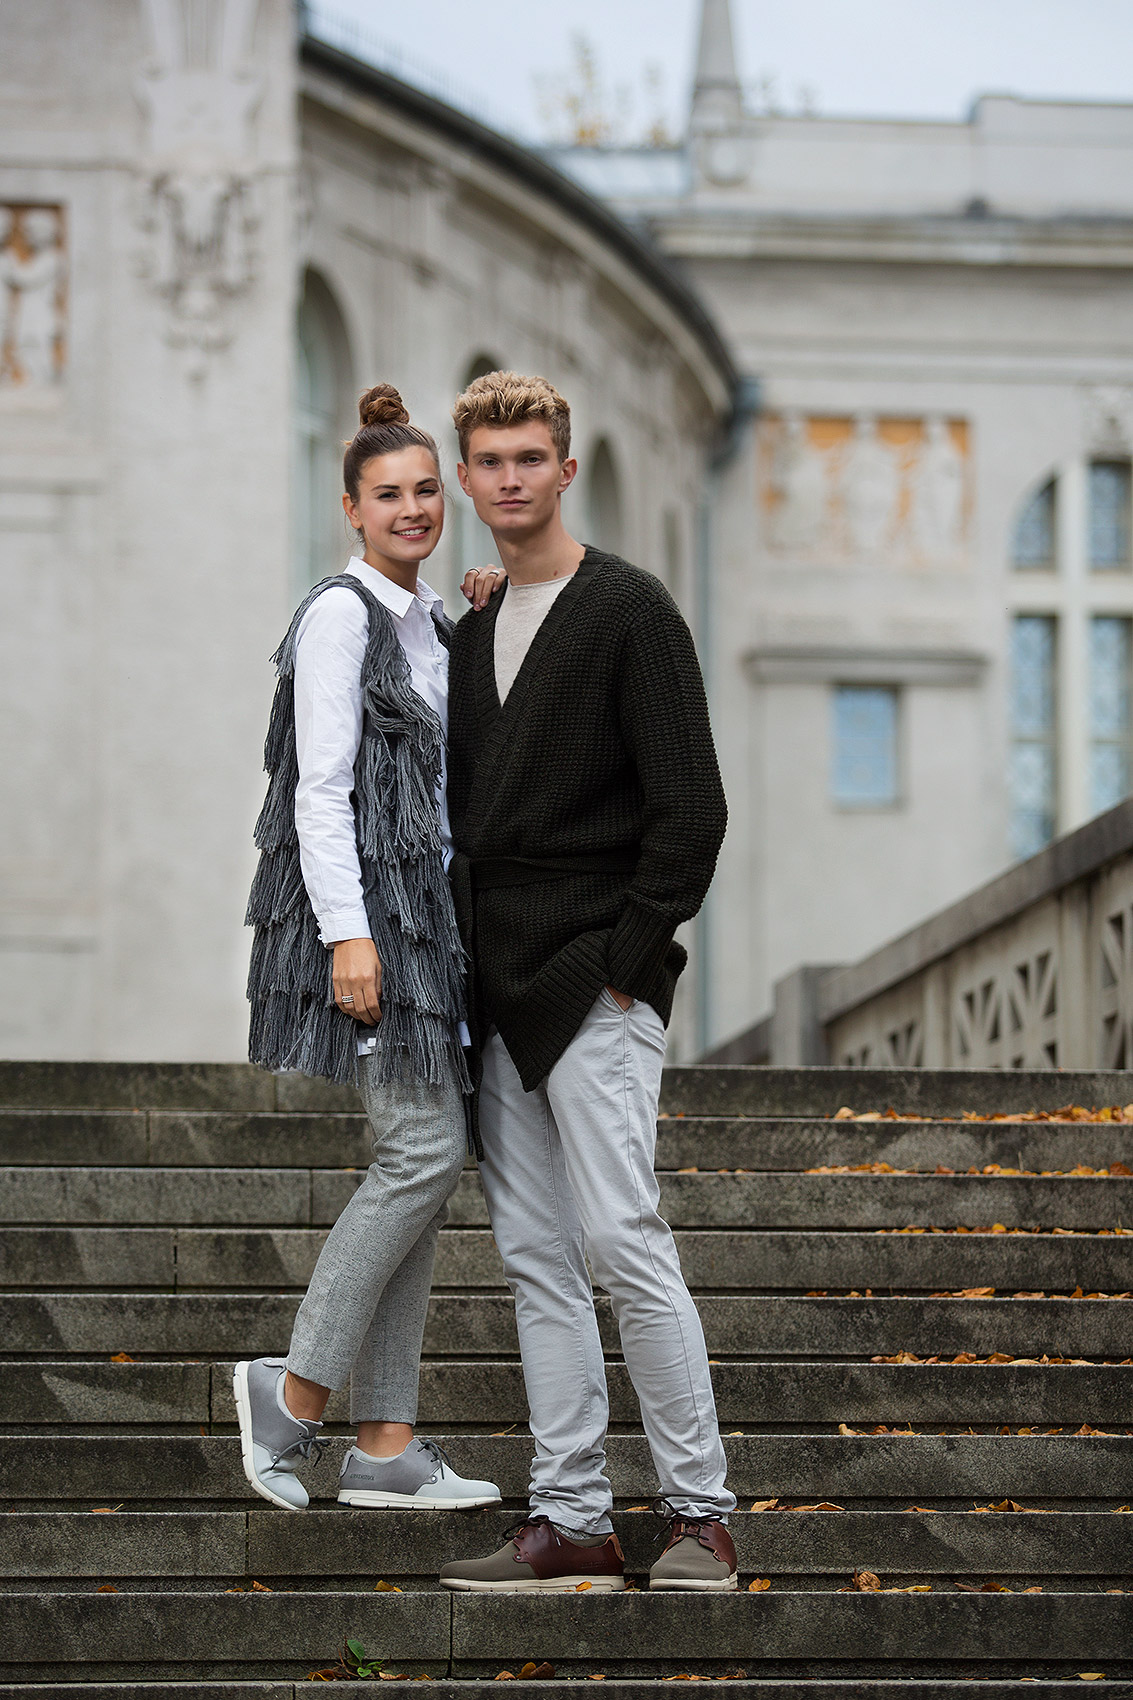 deutscher-maennerblog-aus-muenchen-patrick-kahlo-fashiioncarpet